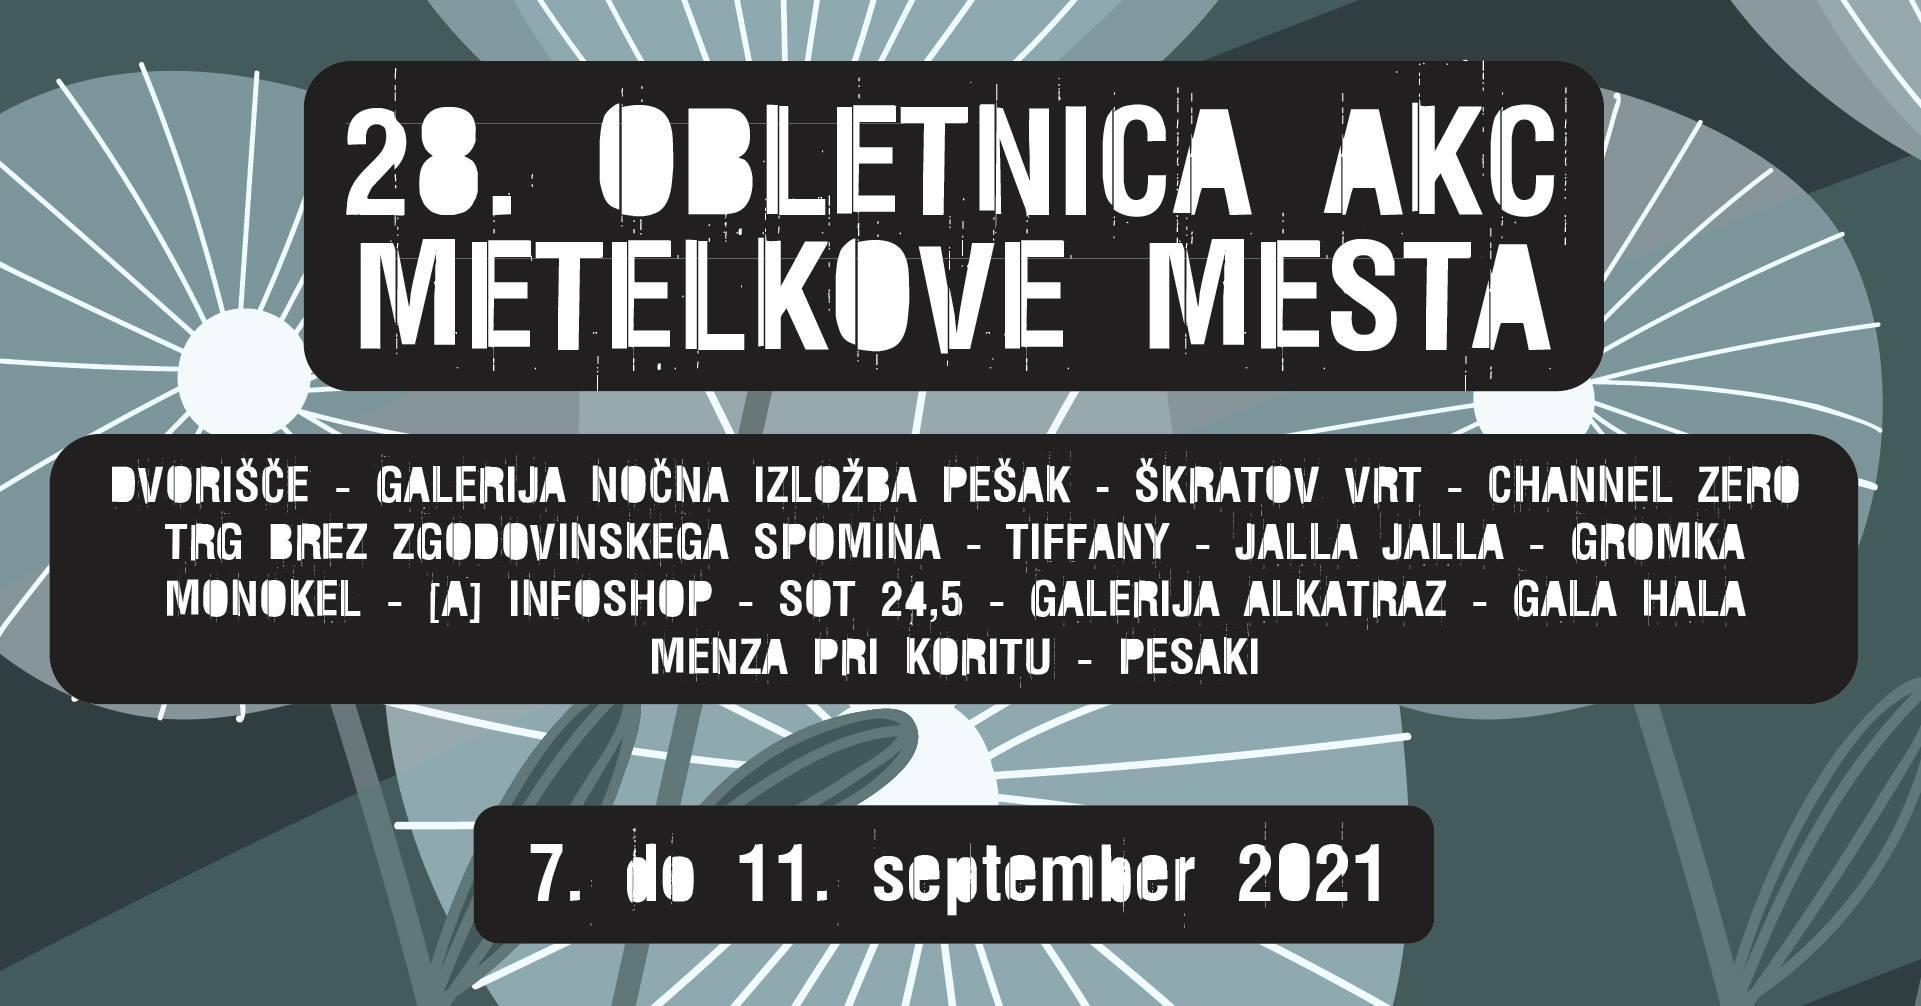 28. obletnica AKC Metelkove mesta